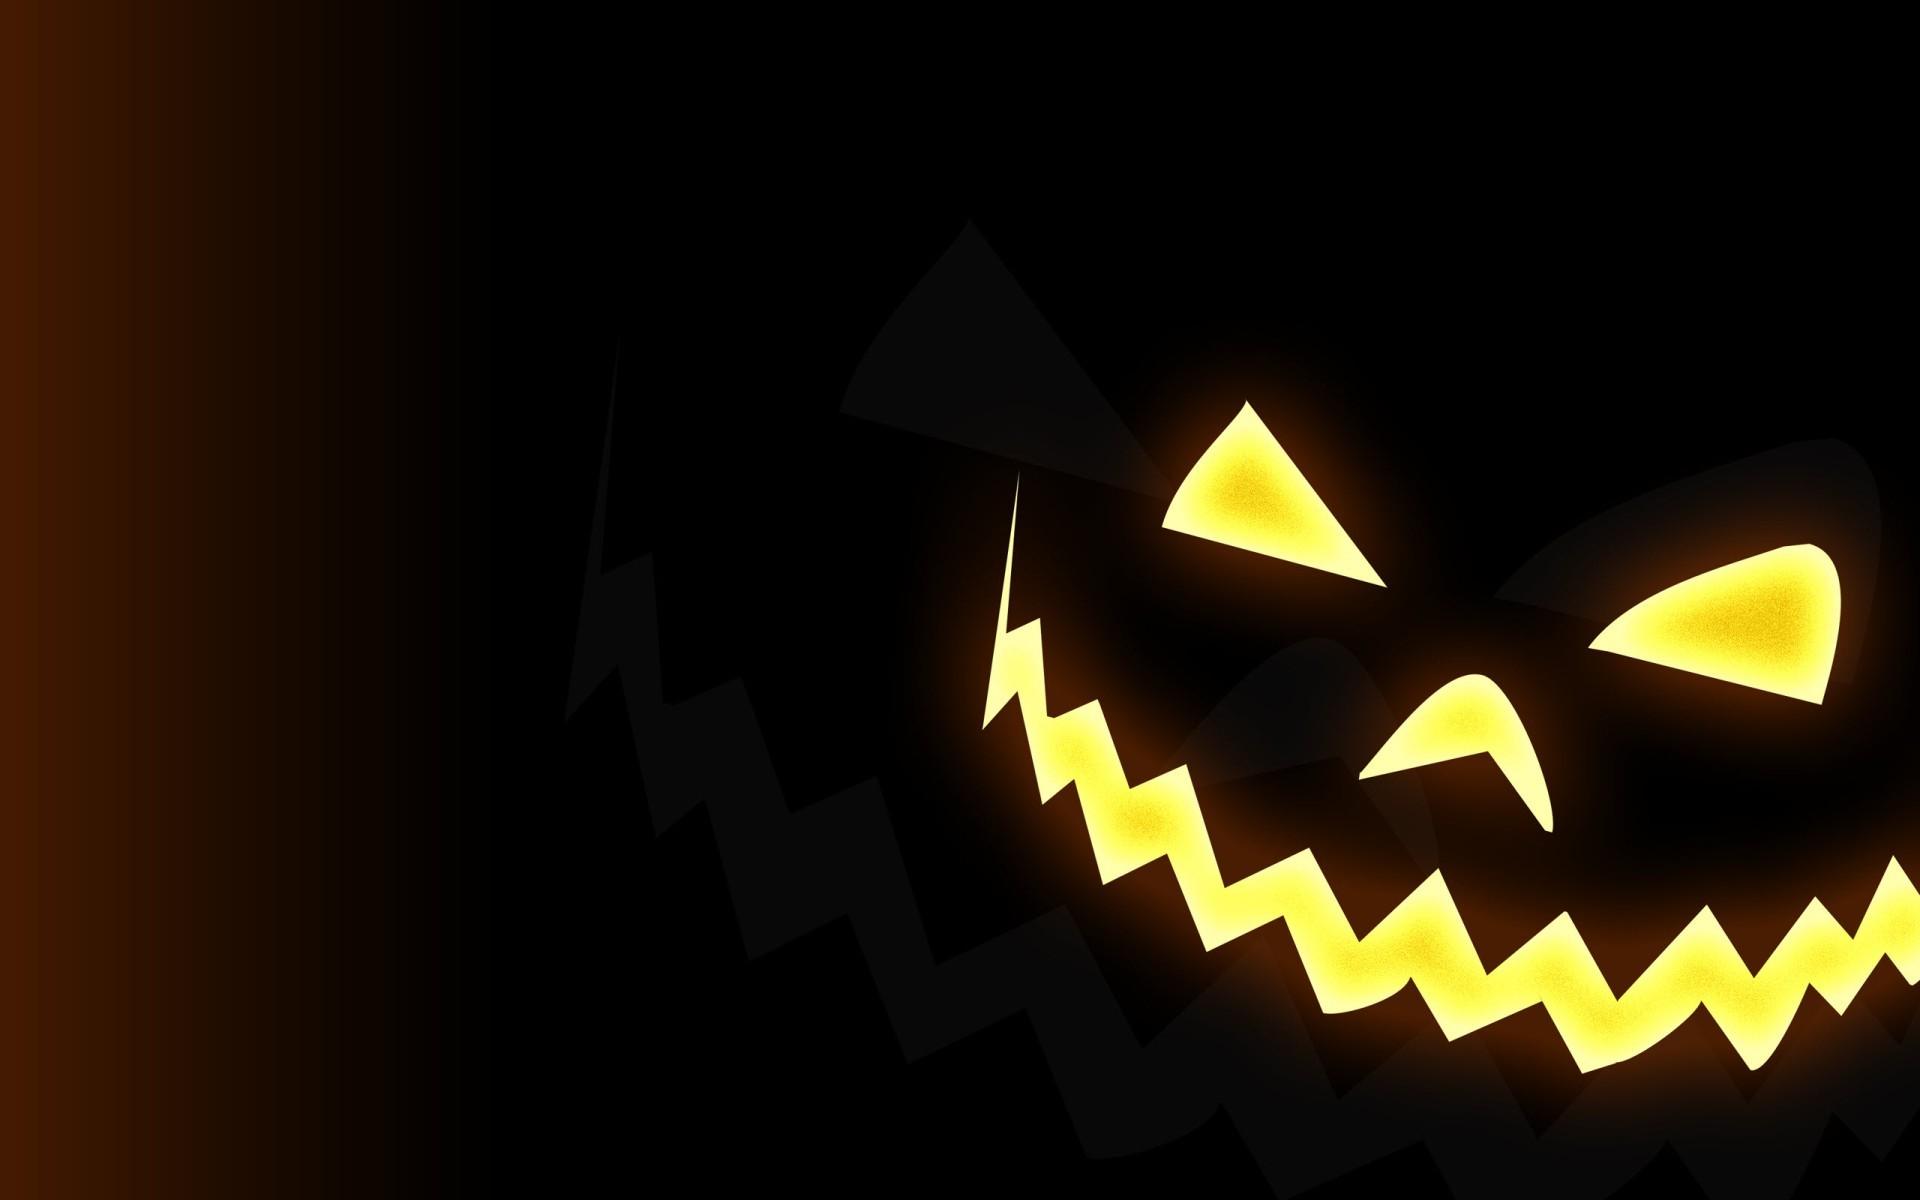 super halloween wallpapers hd